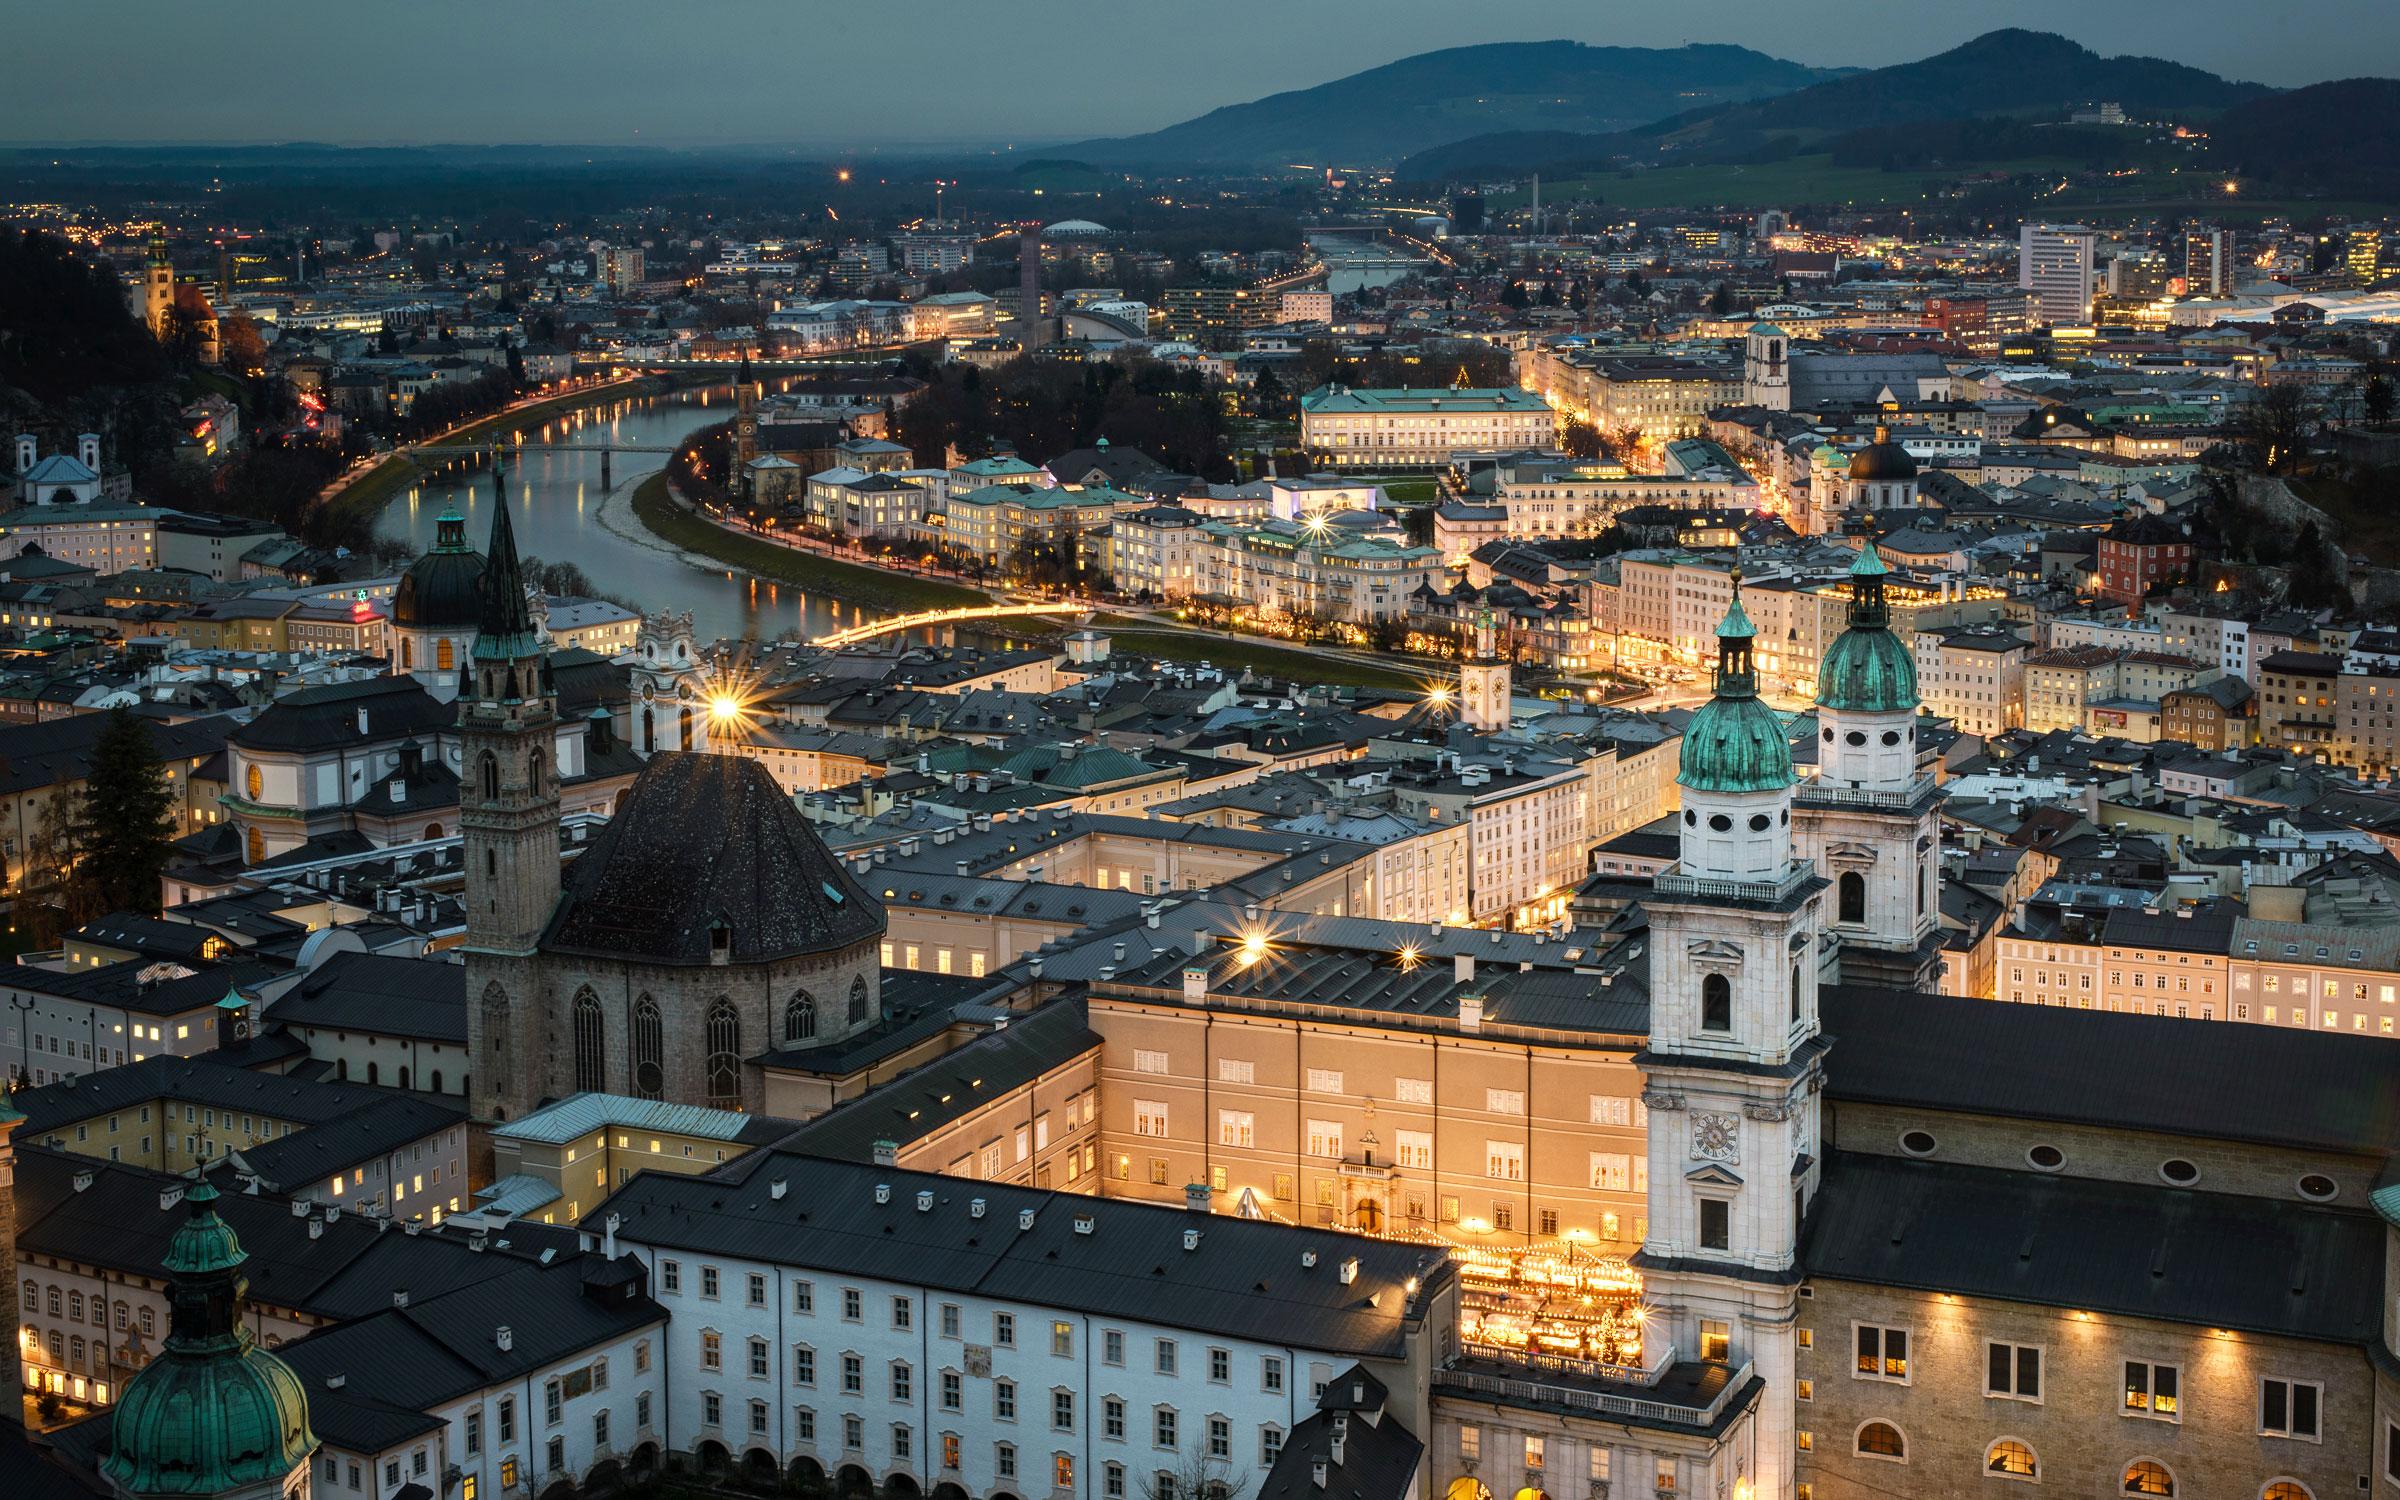 布莱德 (Bled)-萨尔茨堡(Salzburg)